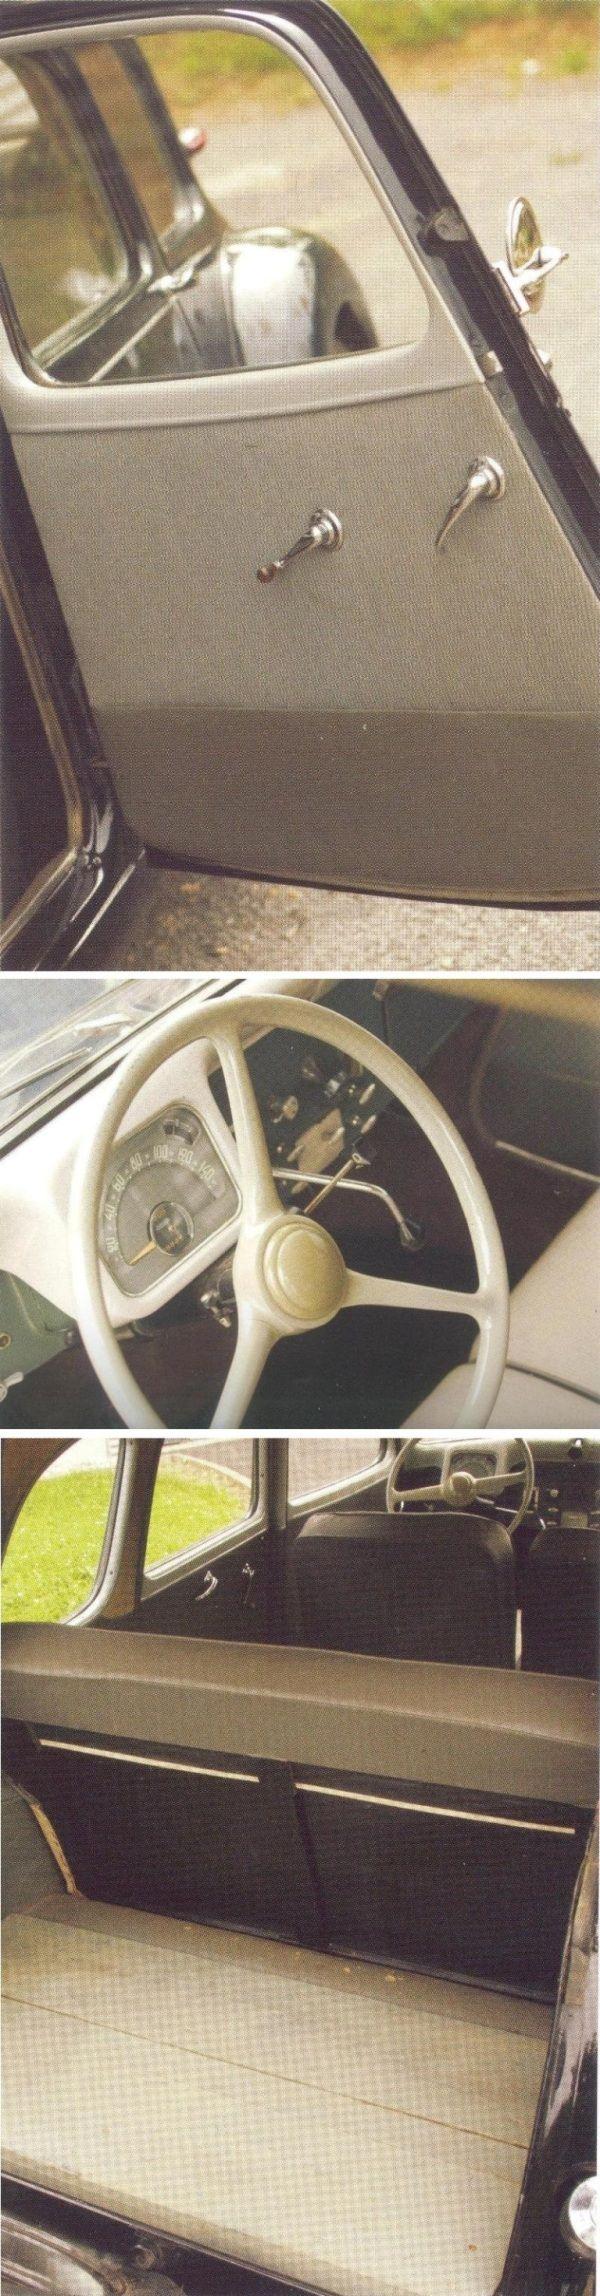 Citroën Traction Avant 11D Commerciale 1955: la roue de secours, placée dans son logement, bascule pour faciliter le chargement, les sièges arrière sont amovibles et le coffre est recouvert ici d'um placher bois une roue peinte en noir avec un enjoliveur bombé et chromé [photos Pierre-Yves Gaulard]